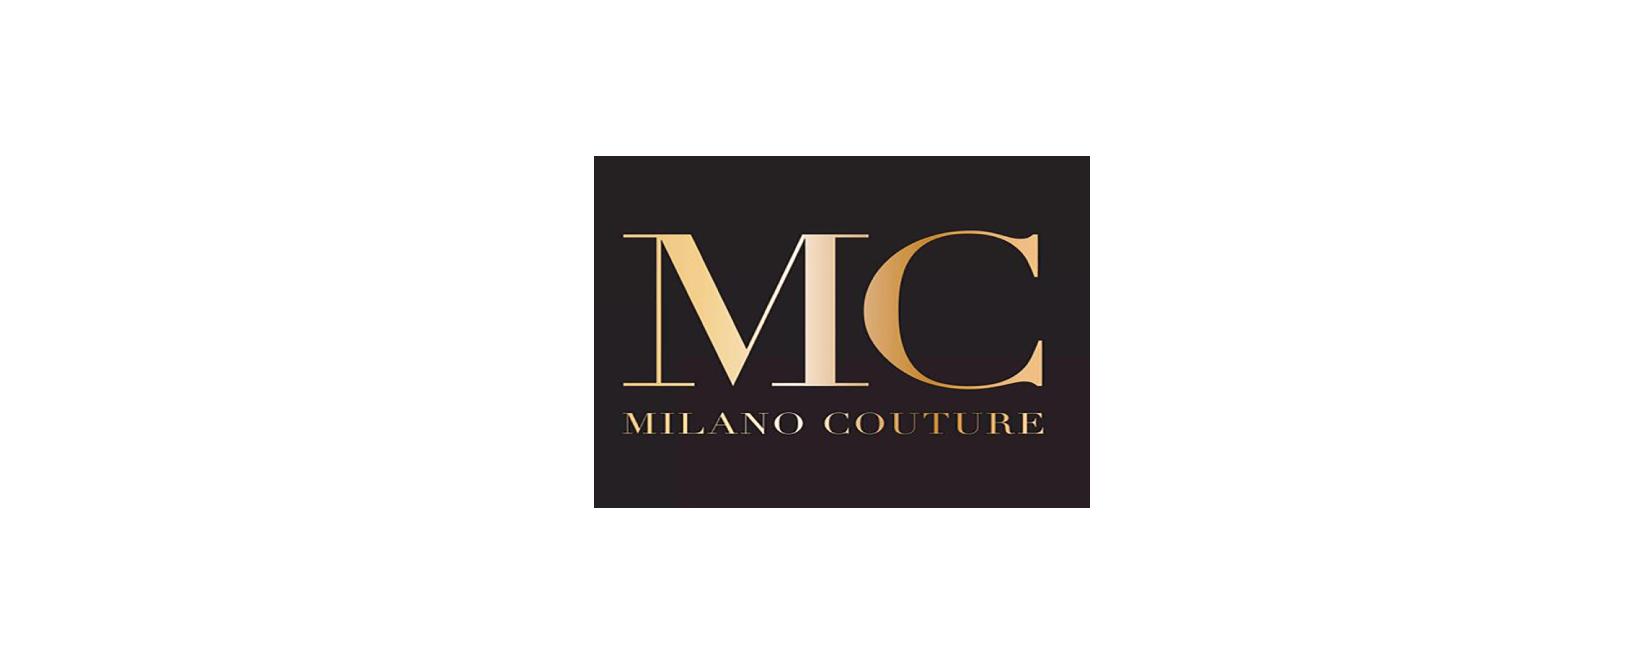 MC Online UK Discount Code 2021